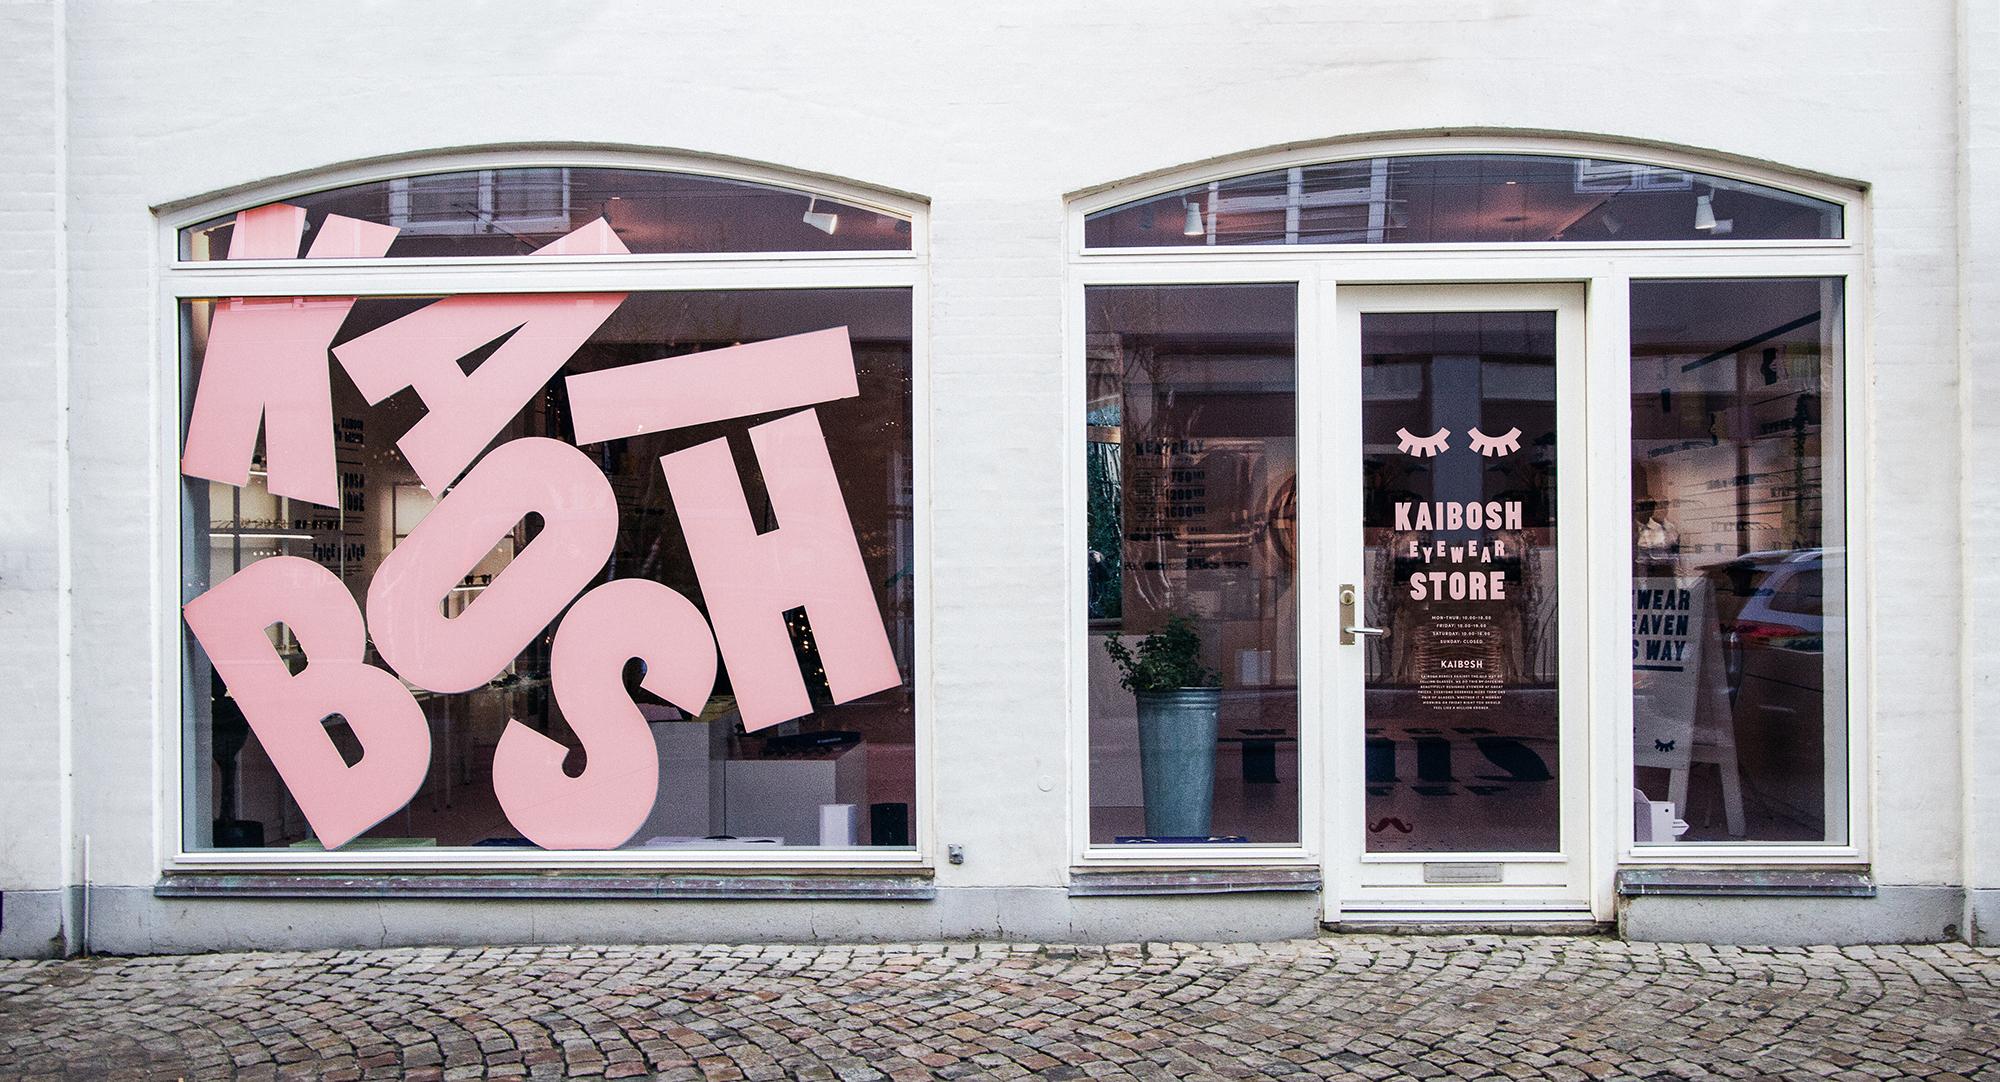 kaibosh_26_store-windows.jpg